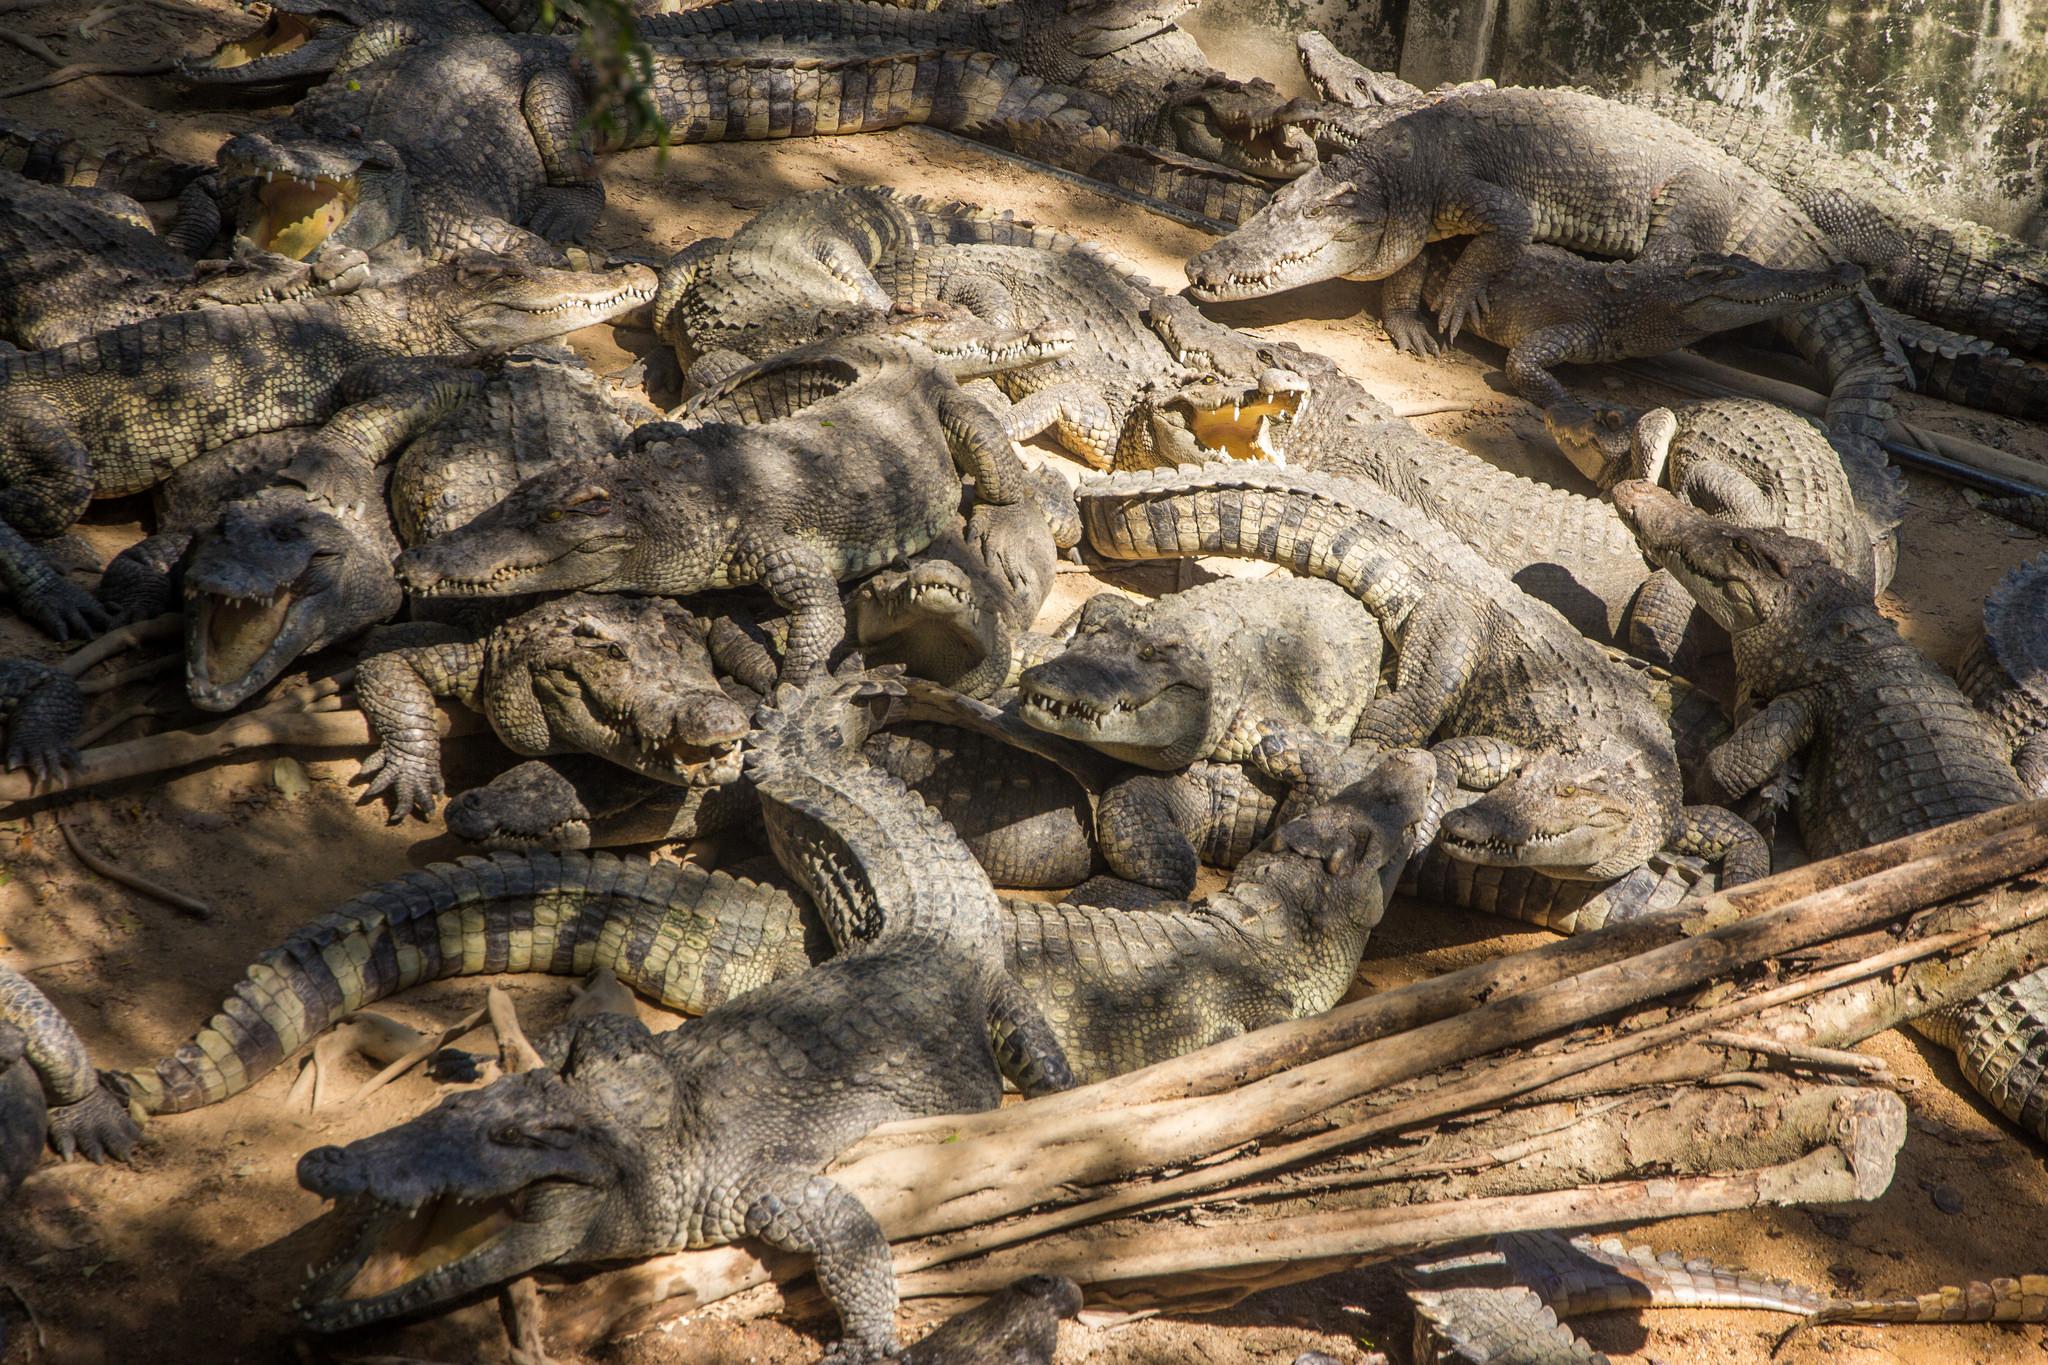 Тигровый зоопарк Сирача, крокодилы